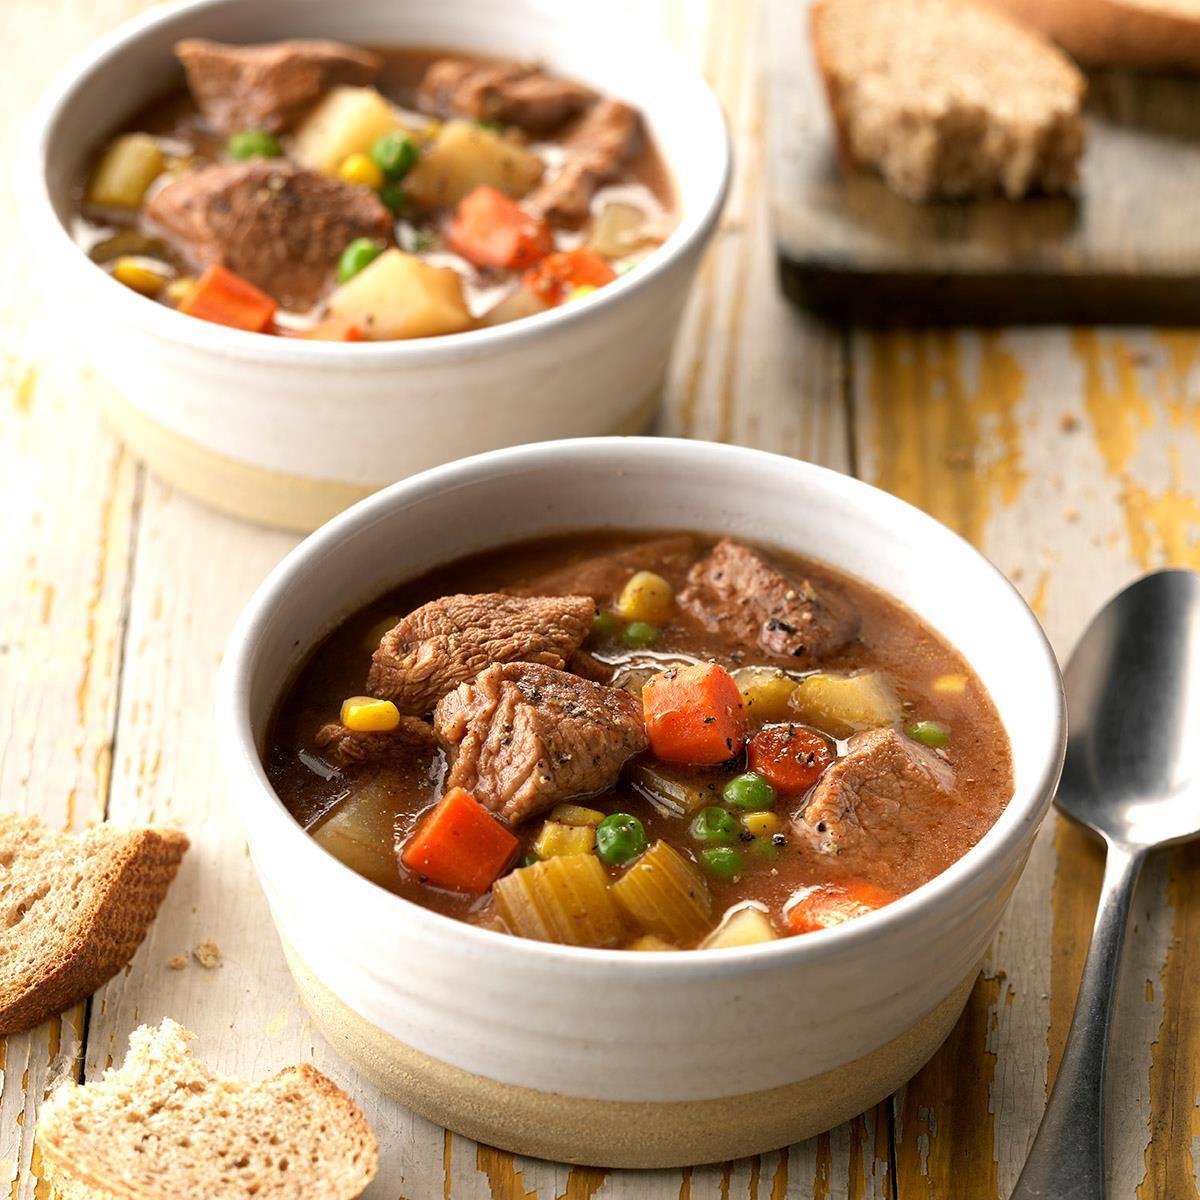 Grandpa's pomfret soup